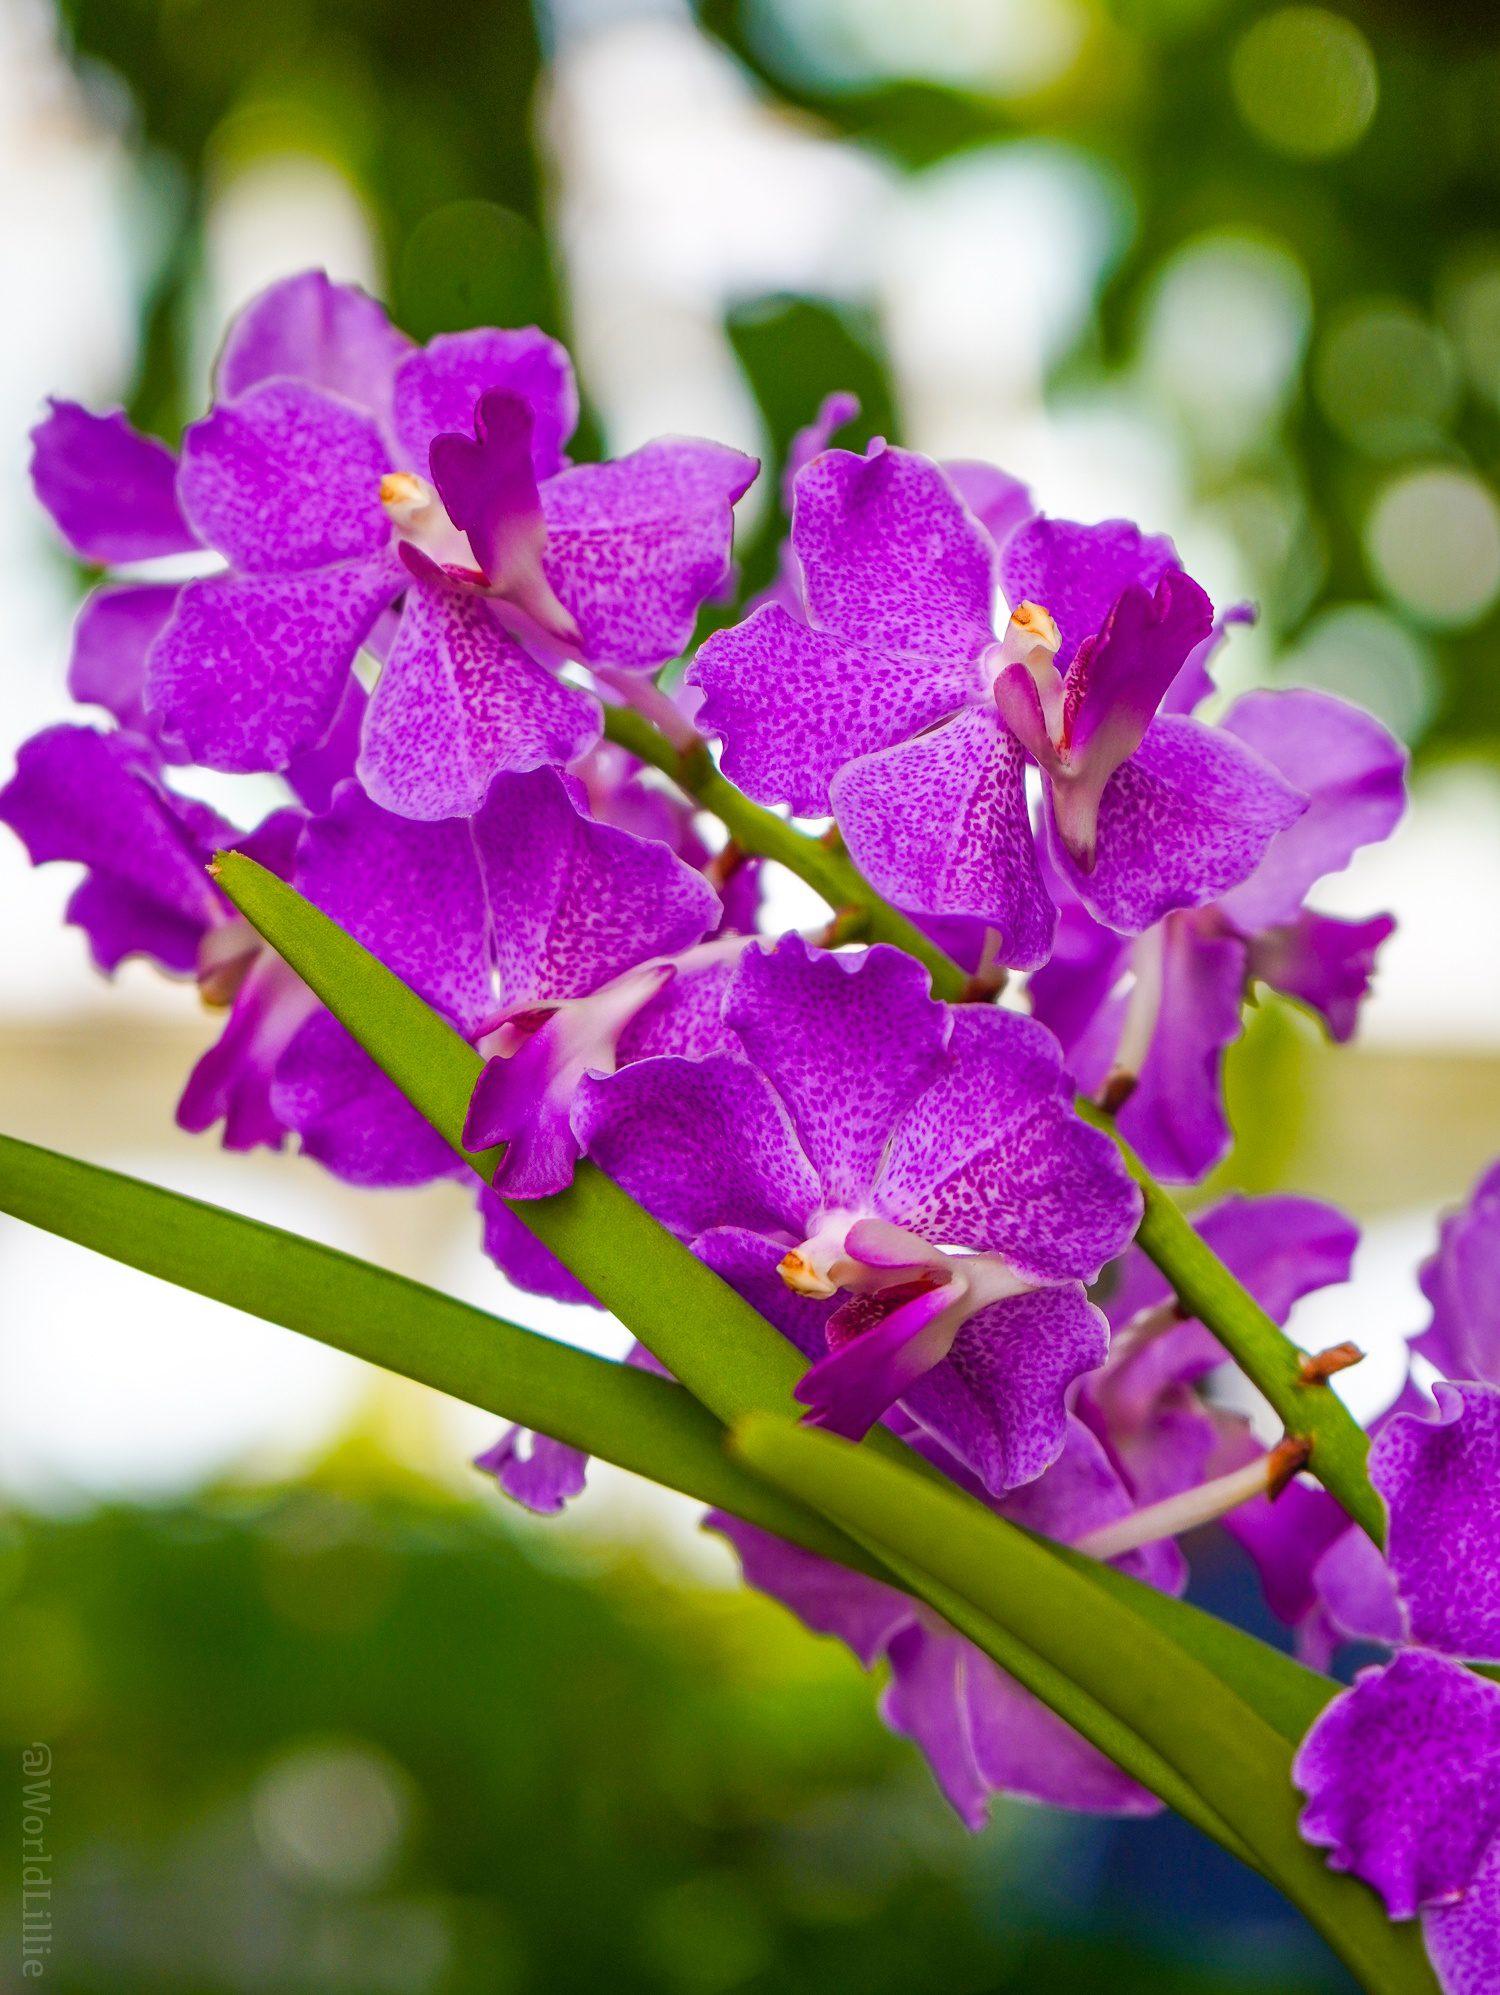 Graceful violet flowers.